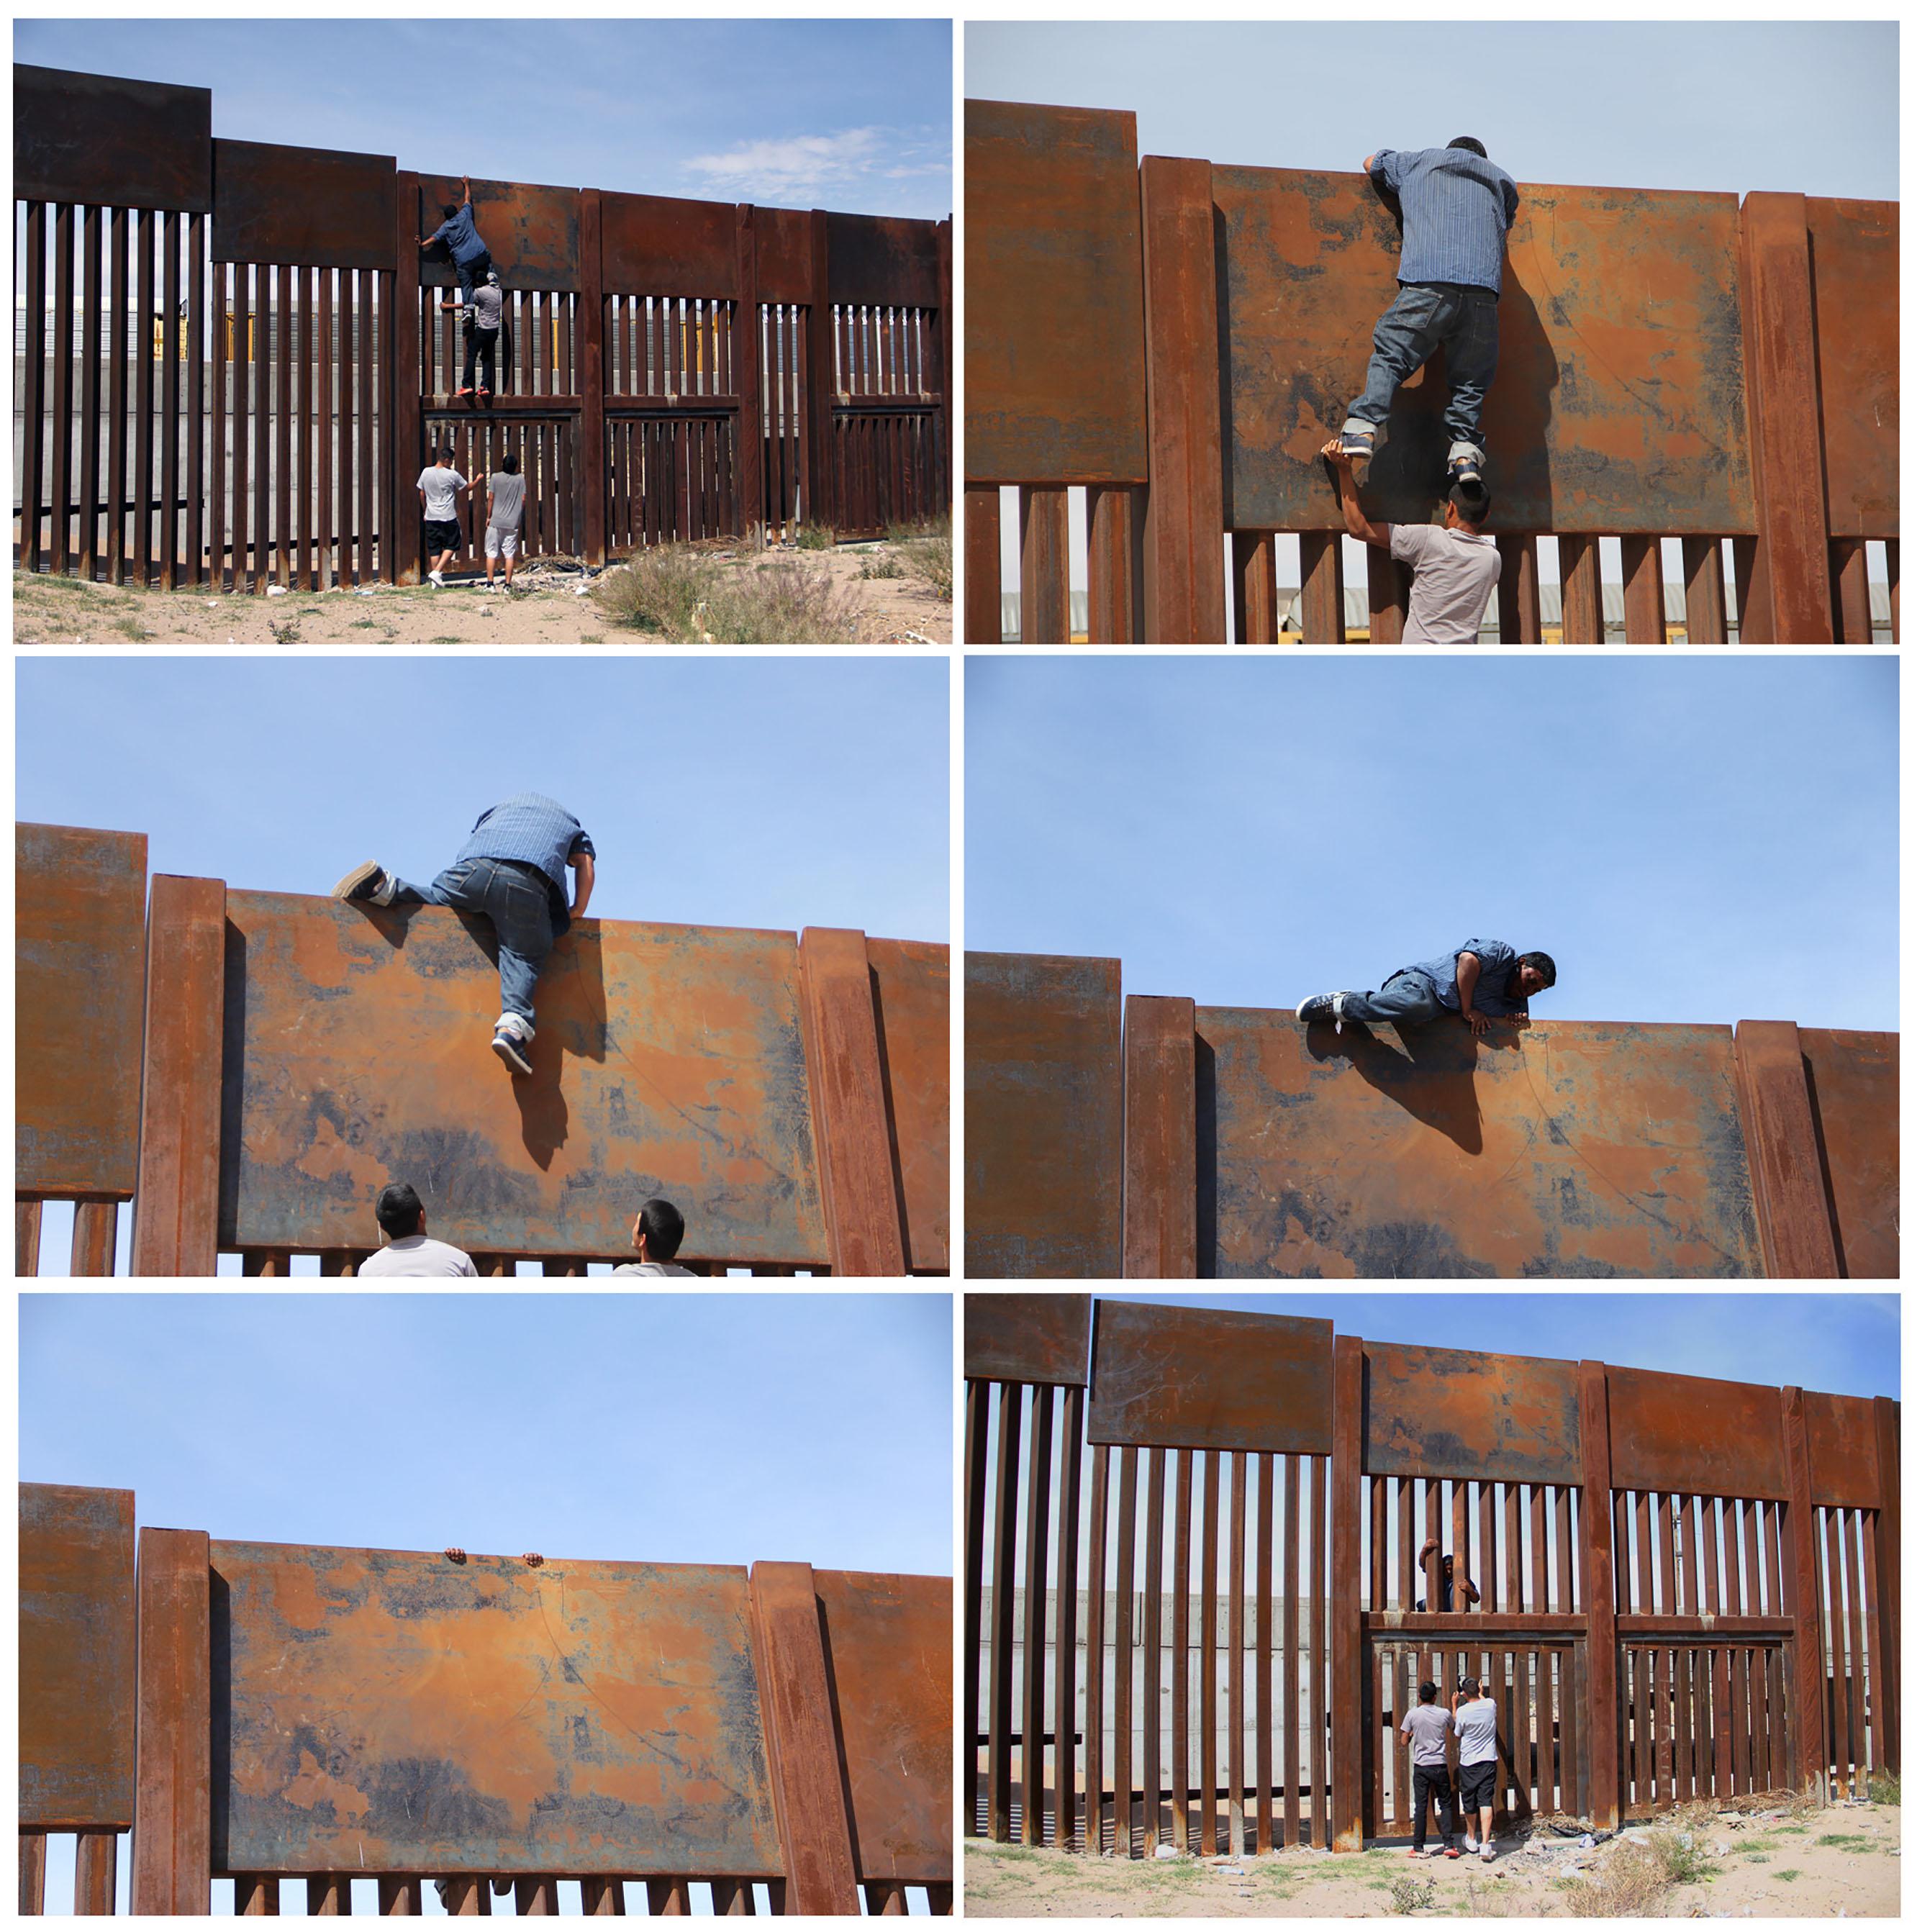 نجاح عبور أحد المهاجرين فى اجتياز الجدار الحدودى